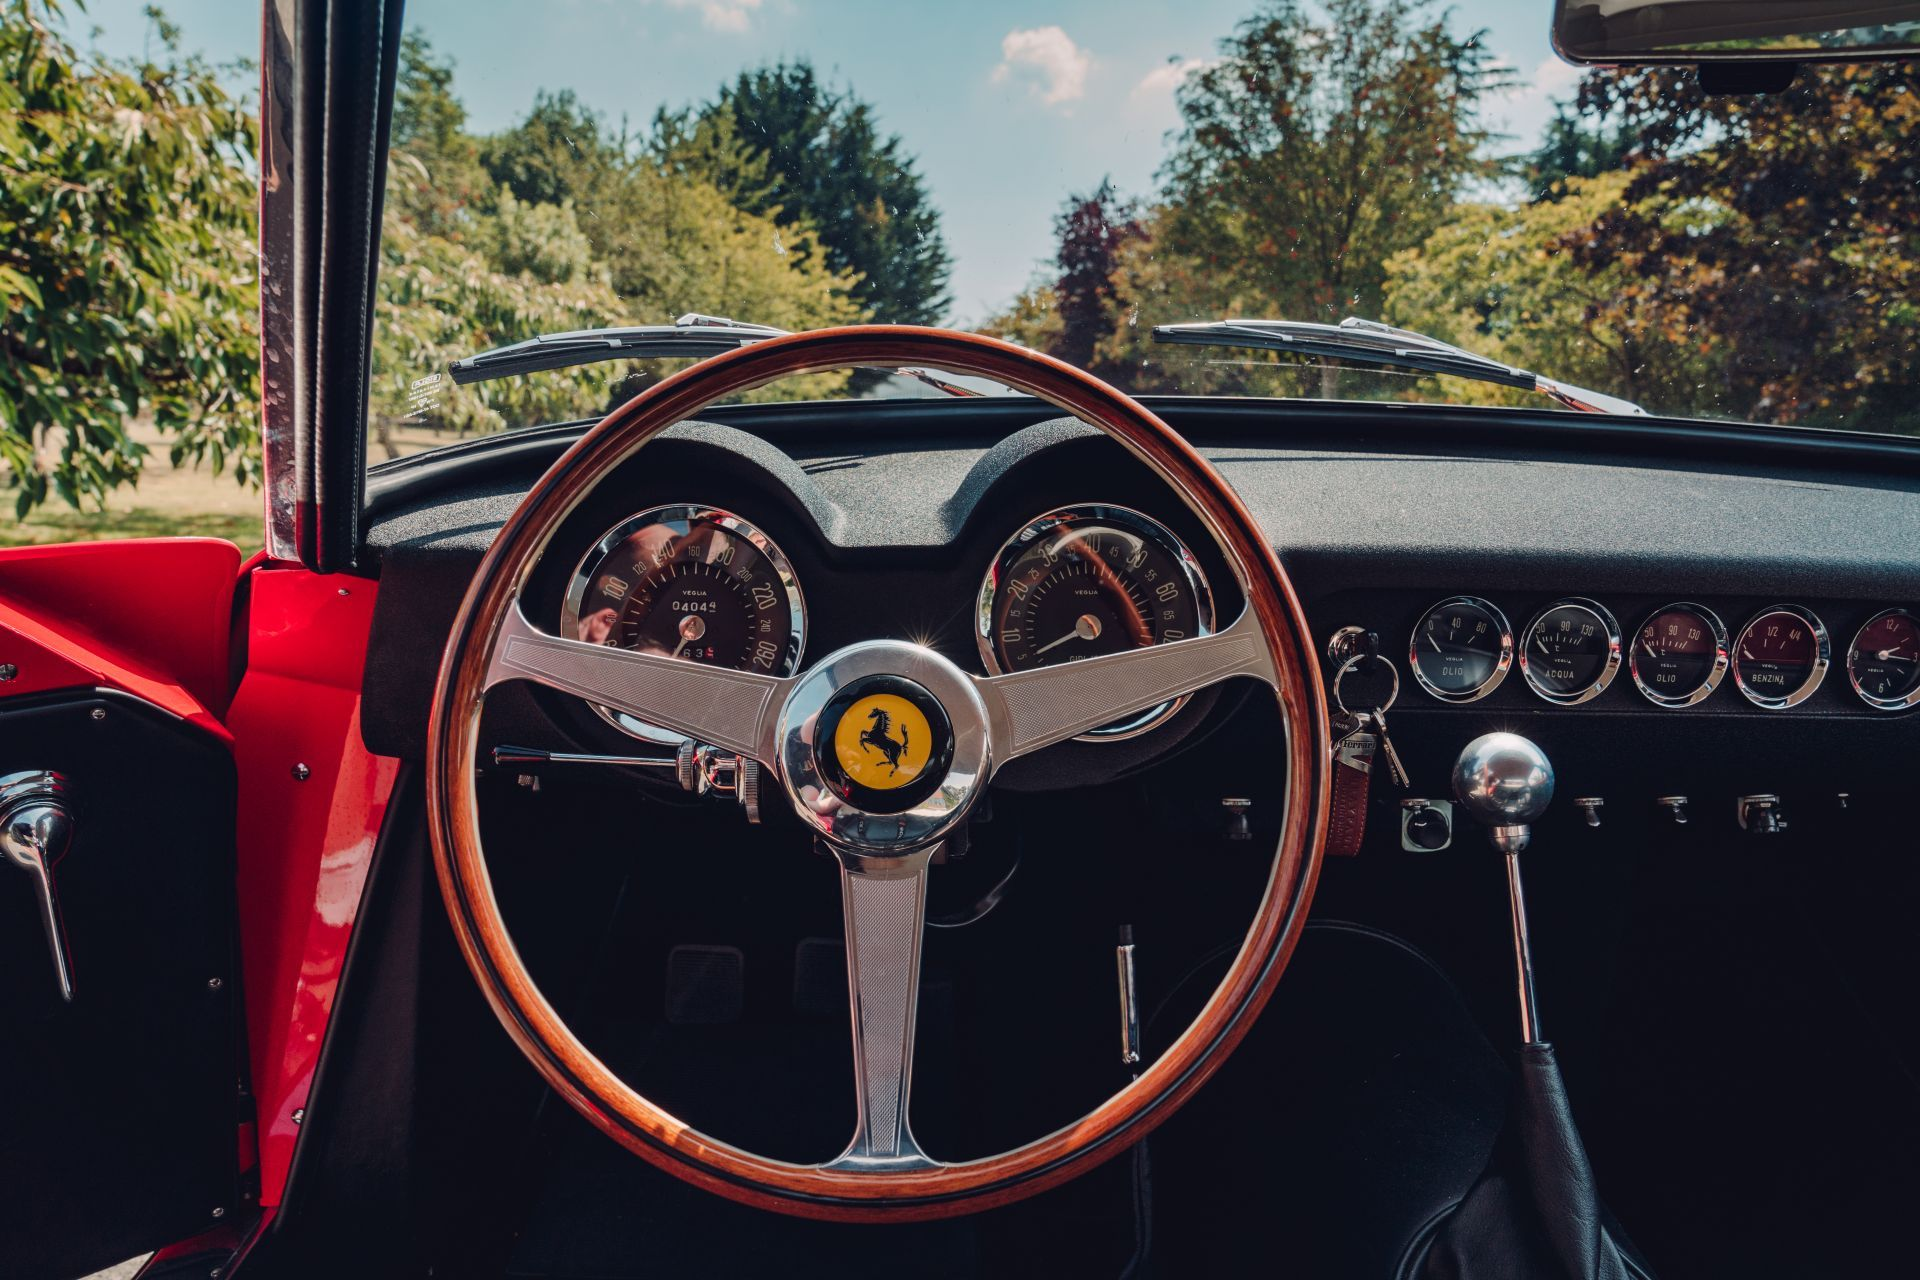 Ferrari-250-GT-SWB-Berlinetta-Competizione-Revival-by-GTO-Engineering-35